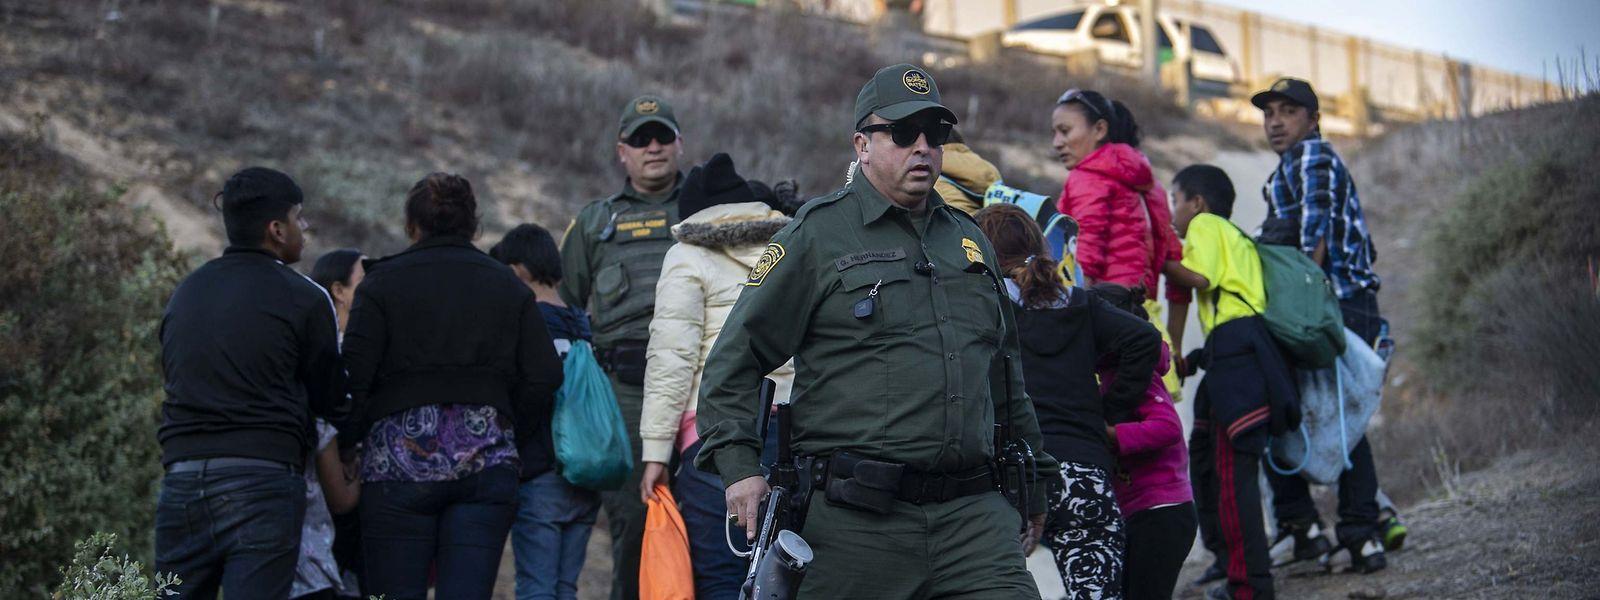 Migranten werden an der US-Grenze festgenommen.